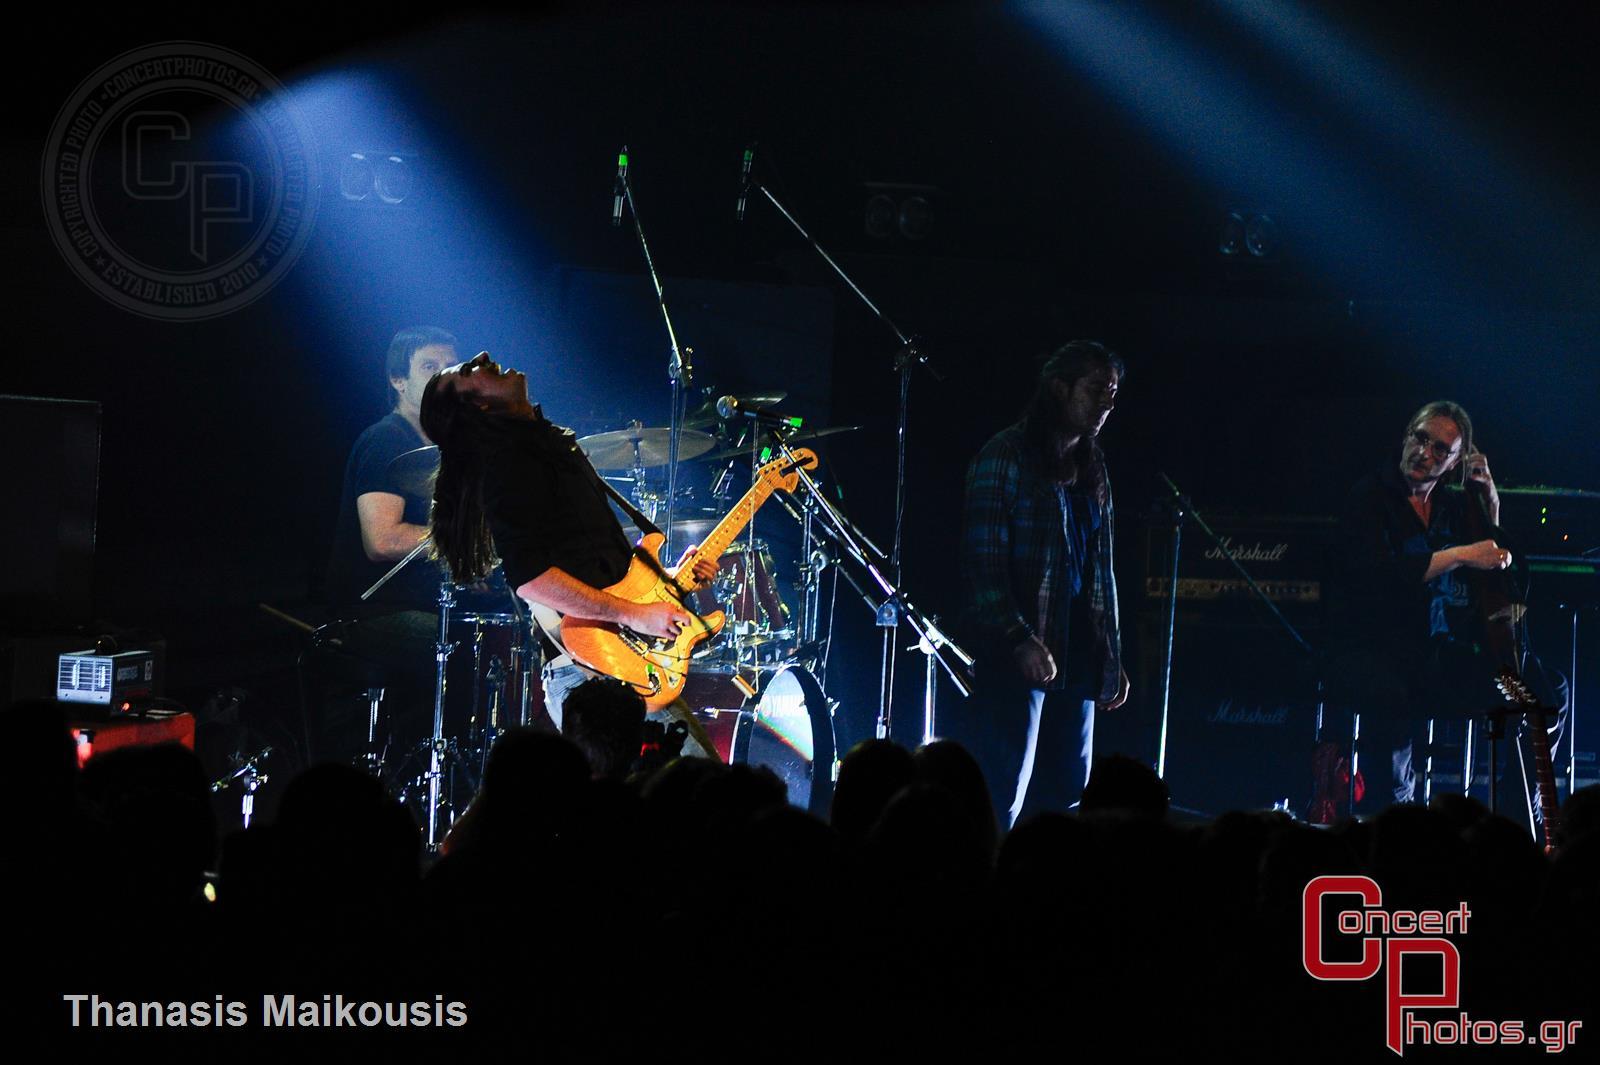 Γιάννης Χαρούλης-Charoulis Votanikos 2014 photographer: Thanasis Maikousis - concertphotos_-9534